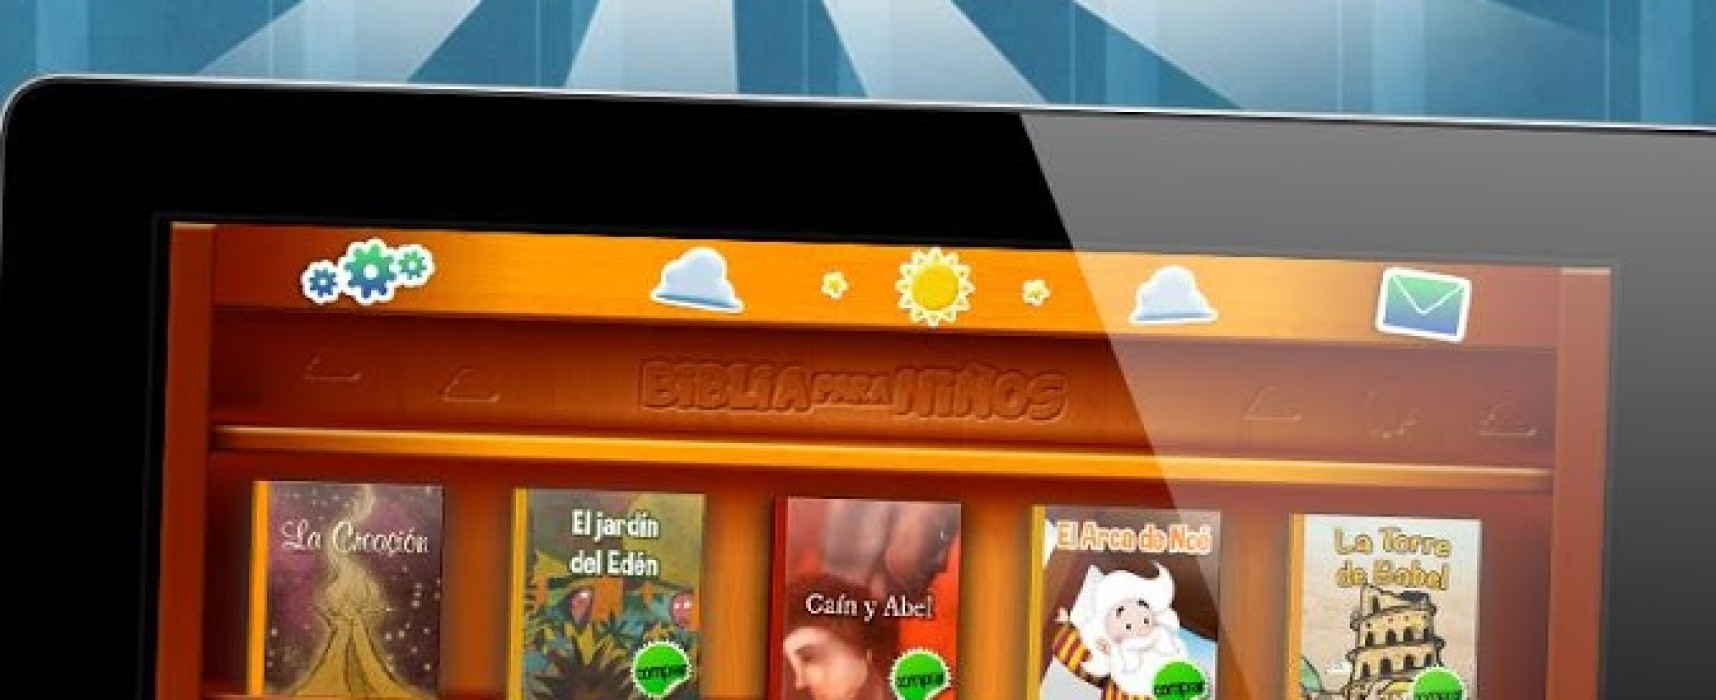 Biblia App para Niños alcanza 5 millones de instalaciones en poco más de un año